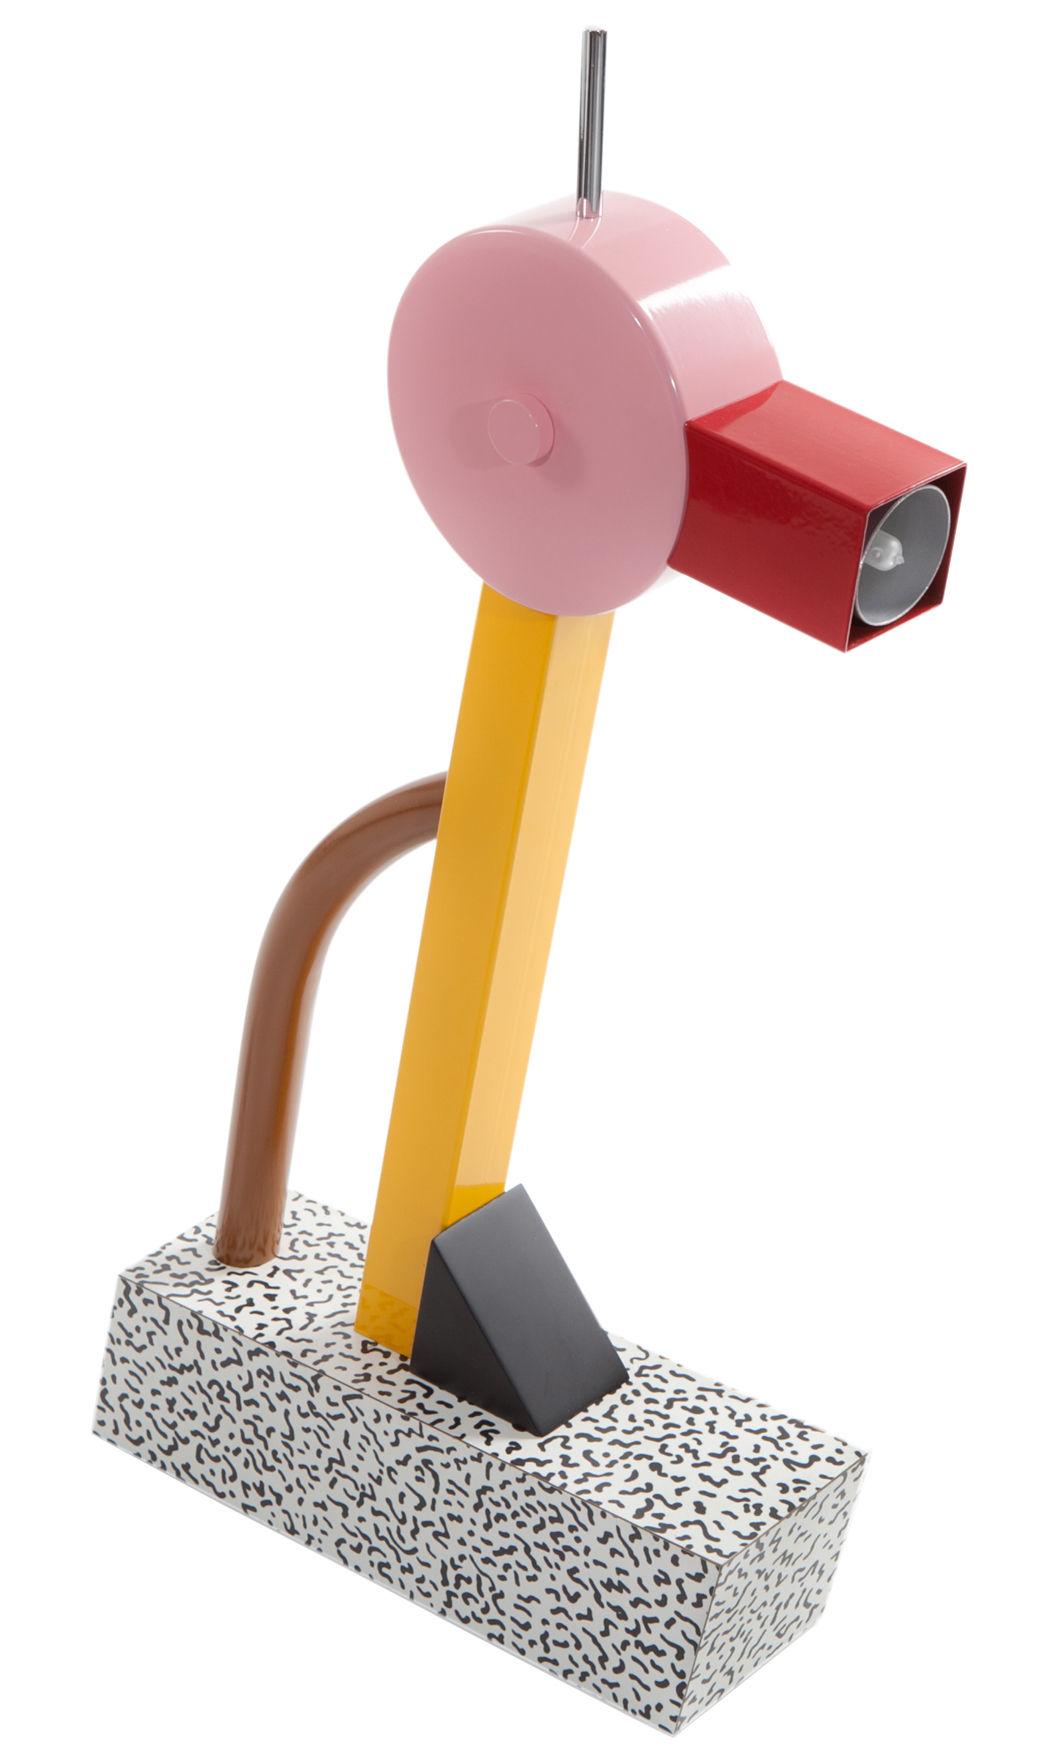 Luminaire - Lampes de table - Lampe de table Tahiti Ettore Sottsass / 1981 - Memphis Milano - Multicolore - Laminé plastique, Métal laqué